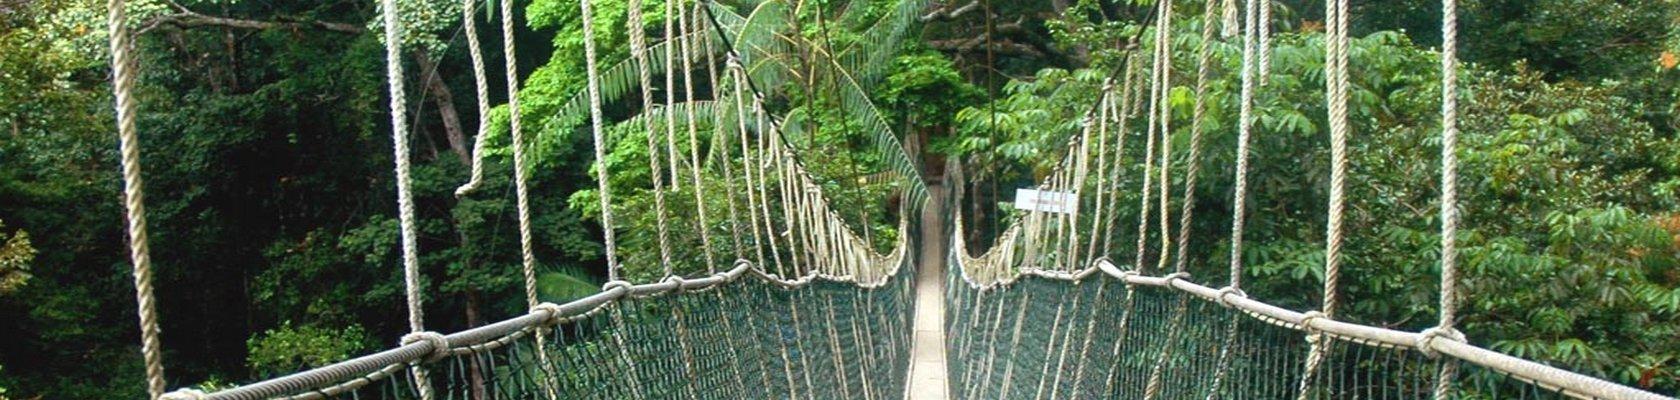 Canopy Walk - Taman Negara